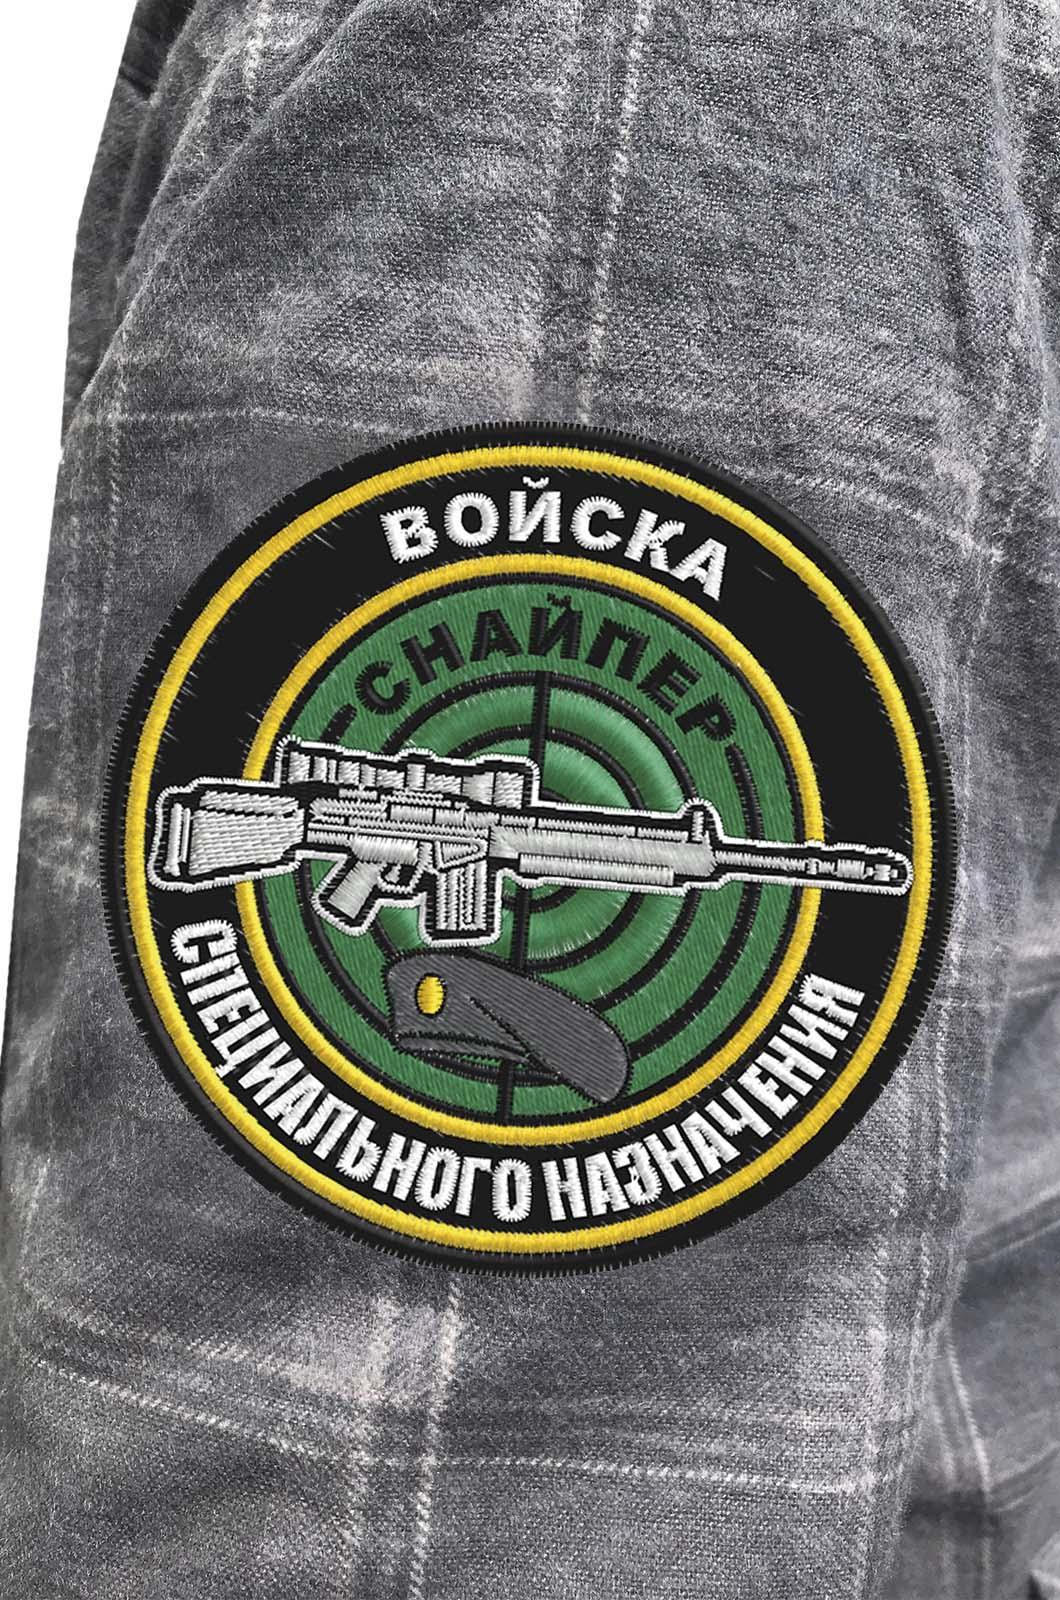 Классическая клетчатая рубашка с вышитым шевроном Снайпер - купить онлайн